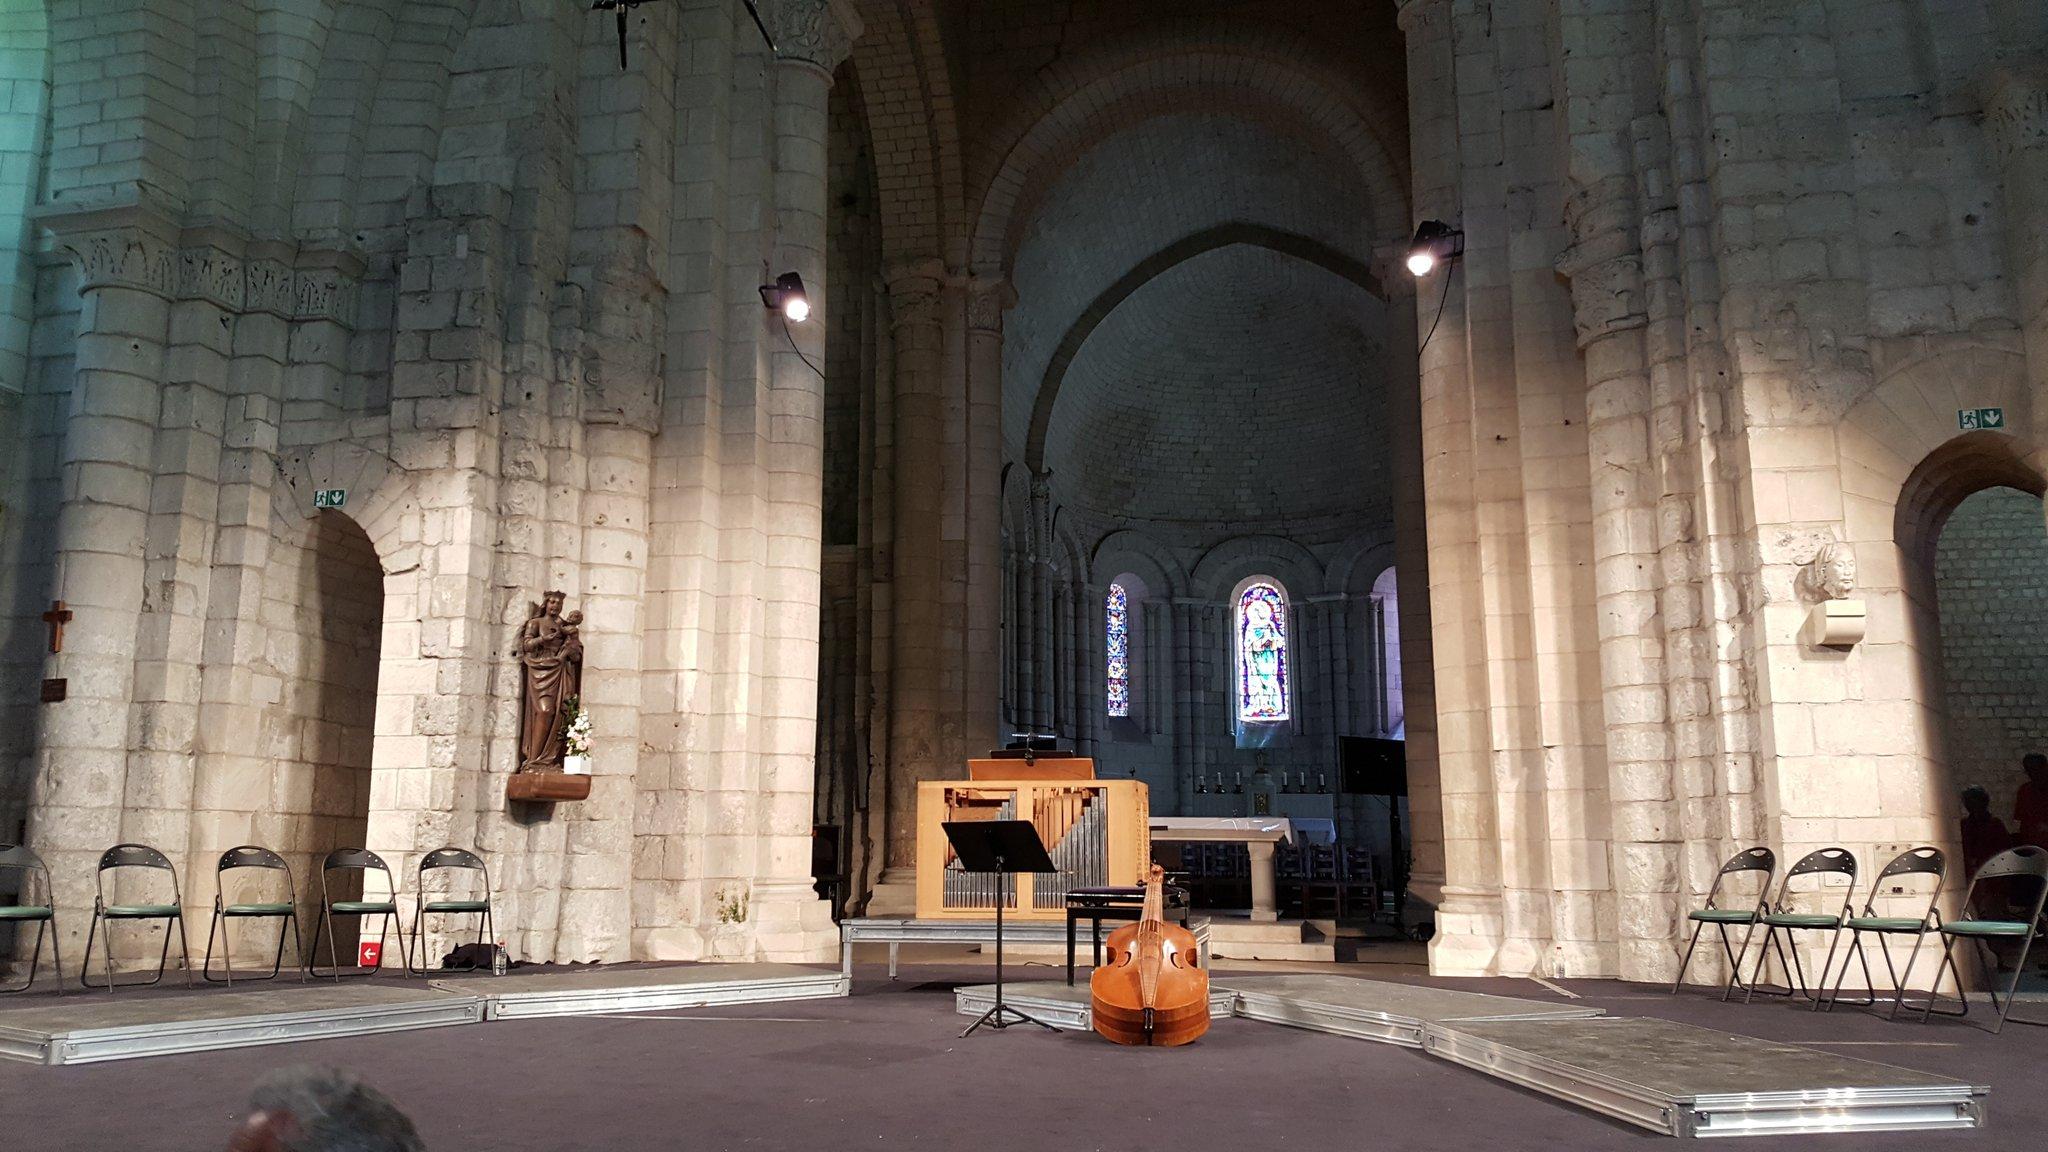 #FestivalDeSaintes #3 Vox Luminis dans des motets de la famille Bach @Abbayeauxdames D6 https://t.co/MtOWH0KhiN